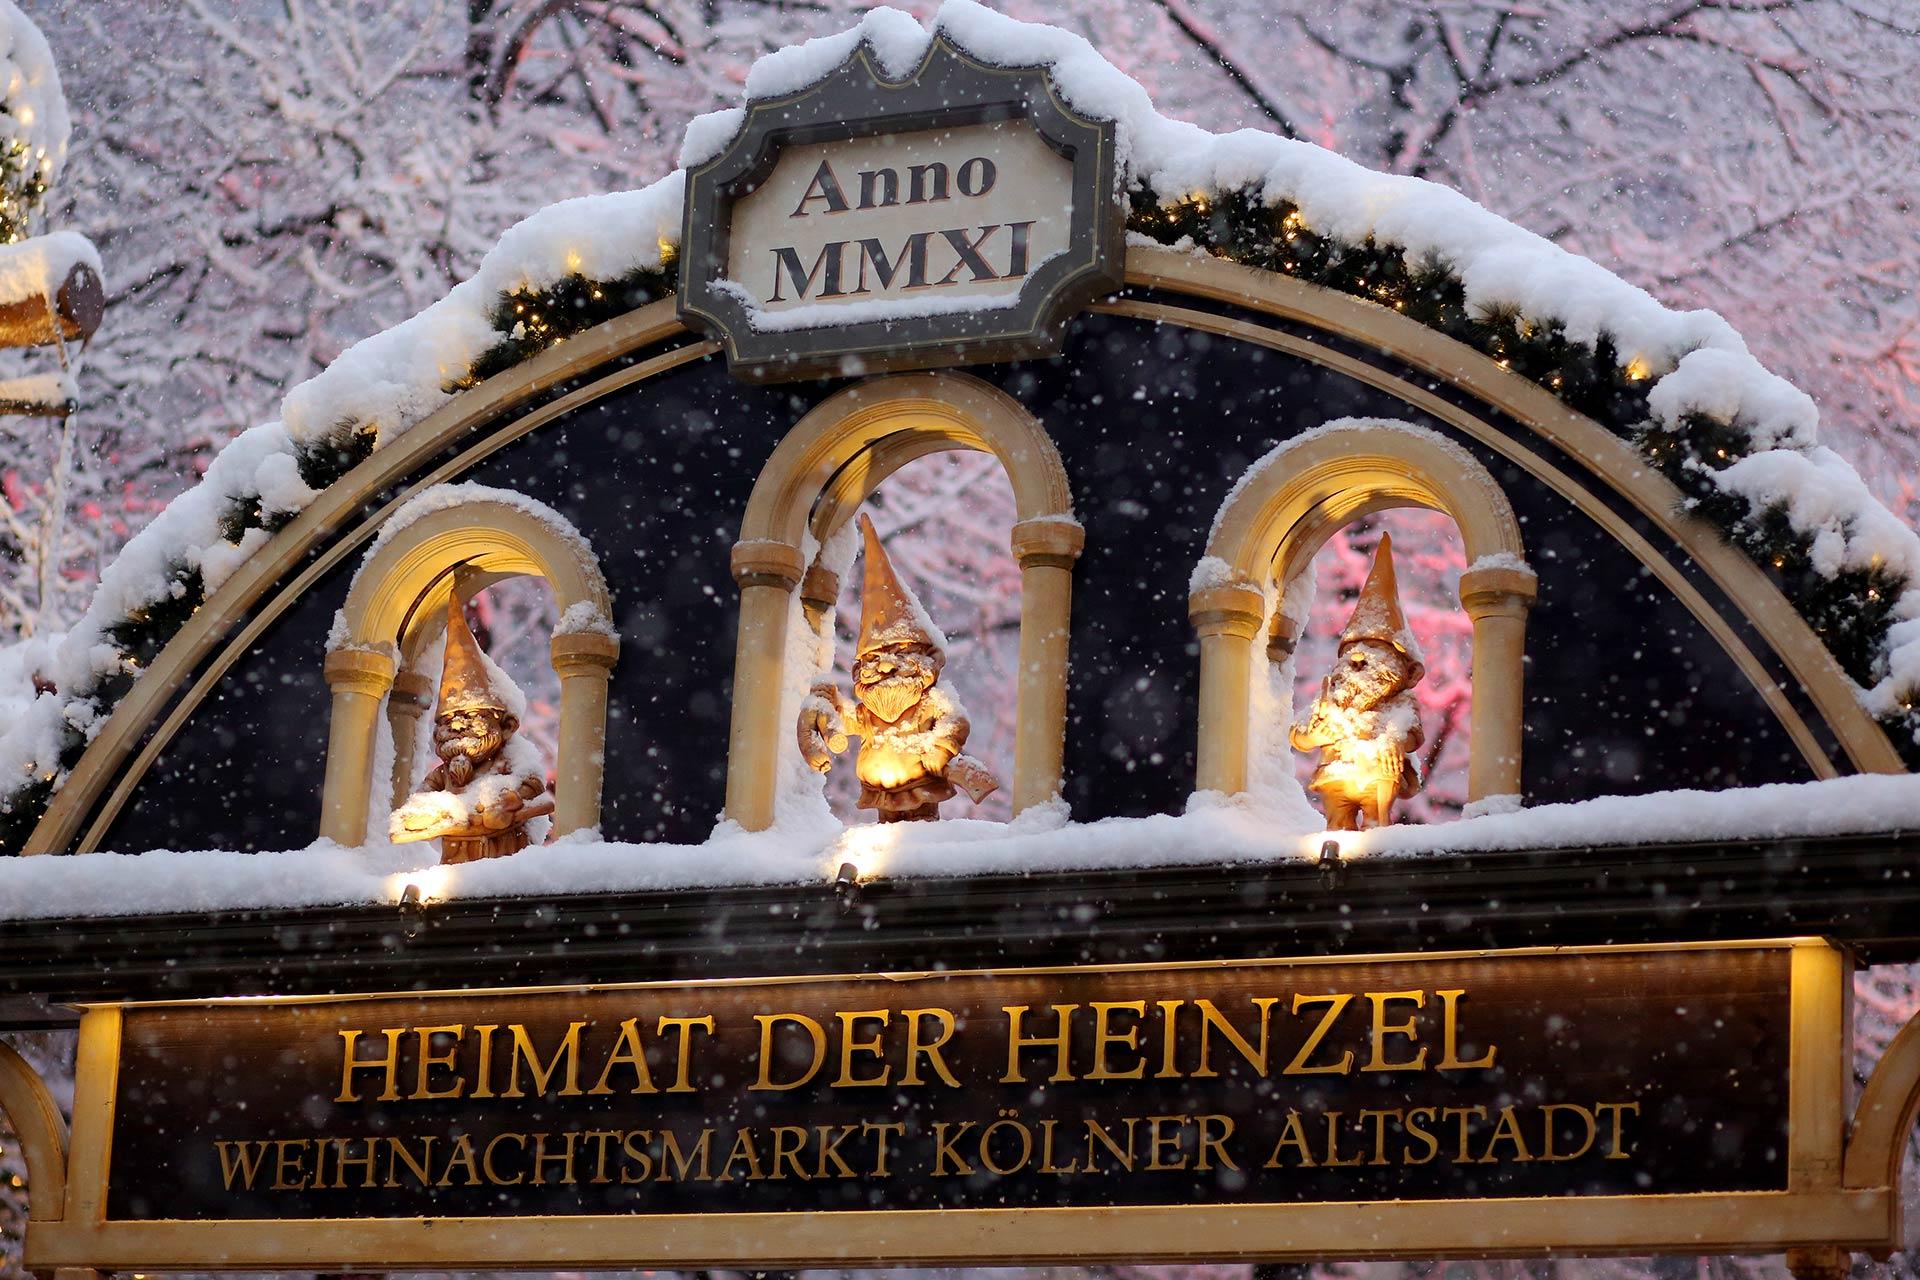 Heinzels Wintermärchen Weihnachtsparadies in der Kölner Altstadt präsentiert die wohl schönste Eisbahn Deutschlands unter freiem Himmel mit spektakulärem Programm bis zum 7. Januar